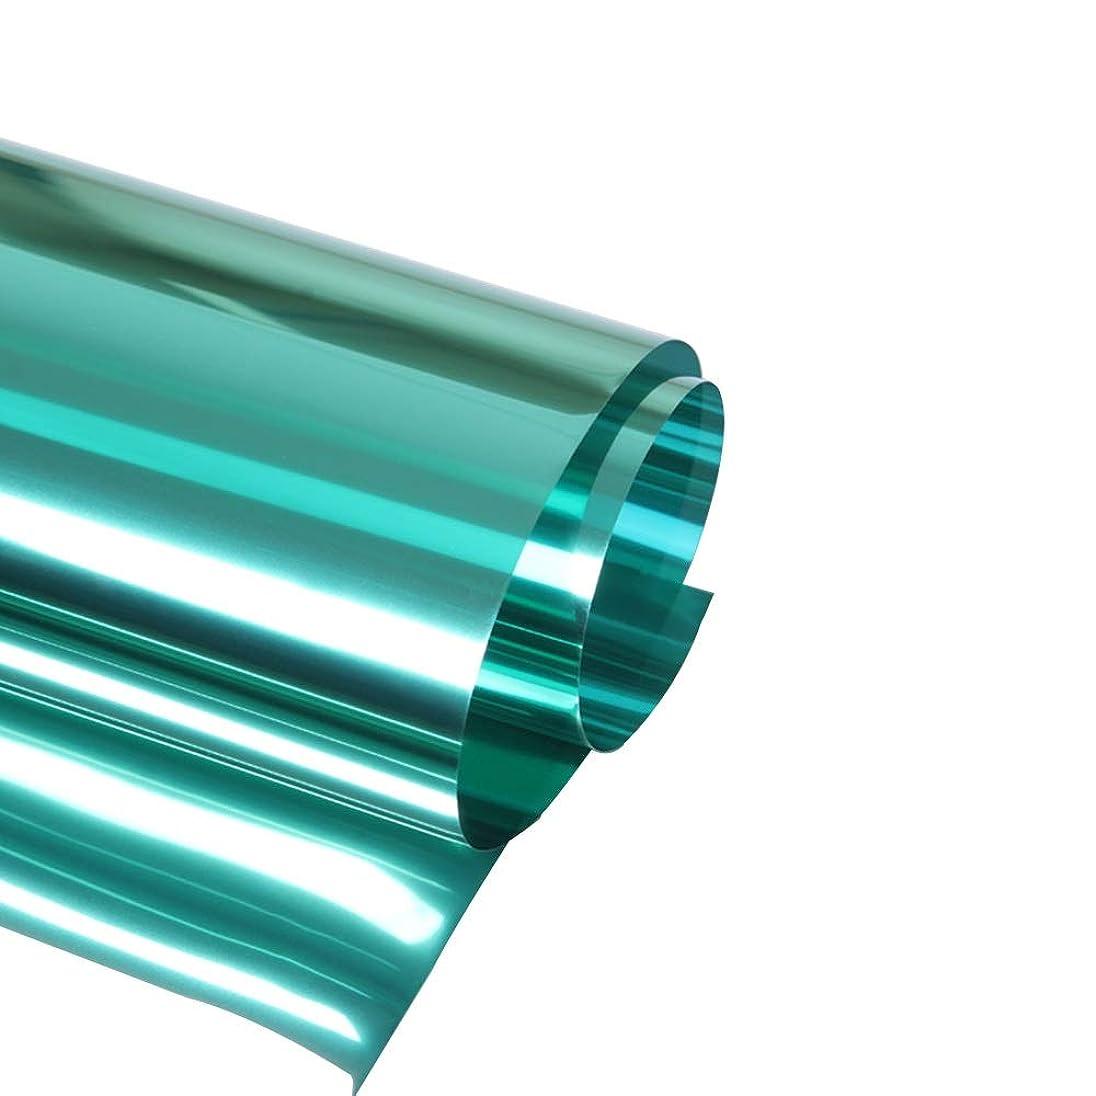 輝く欠乏引き付けるBAOMEI ウィンドウフィルム 一方向ウィンドウフィルム、日中プライバシー保護ミラー反射ガラスフィルムブラックアウトと断熱ホームオフィス用断熱UV窓ステッカー 家庭用およびオフィス用 (Size : 35inch × 3feet)